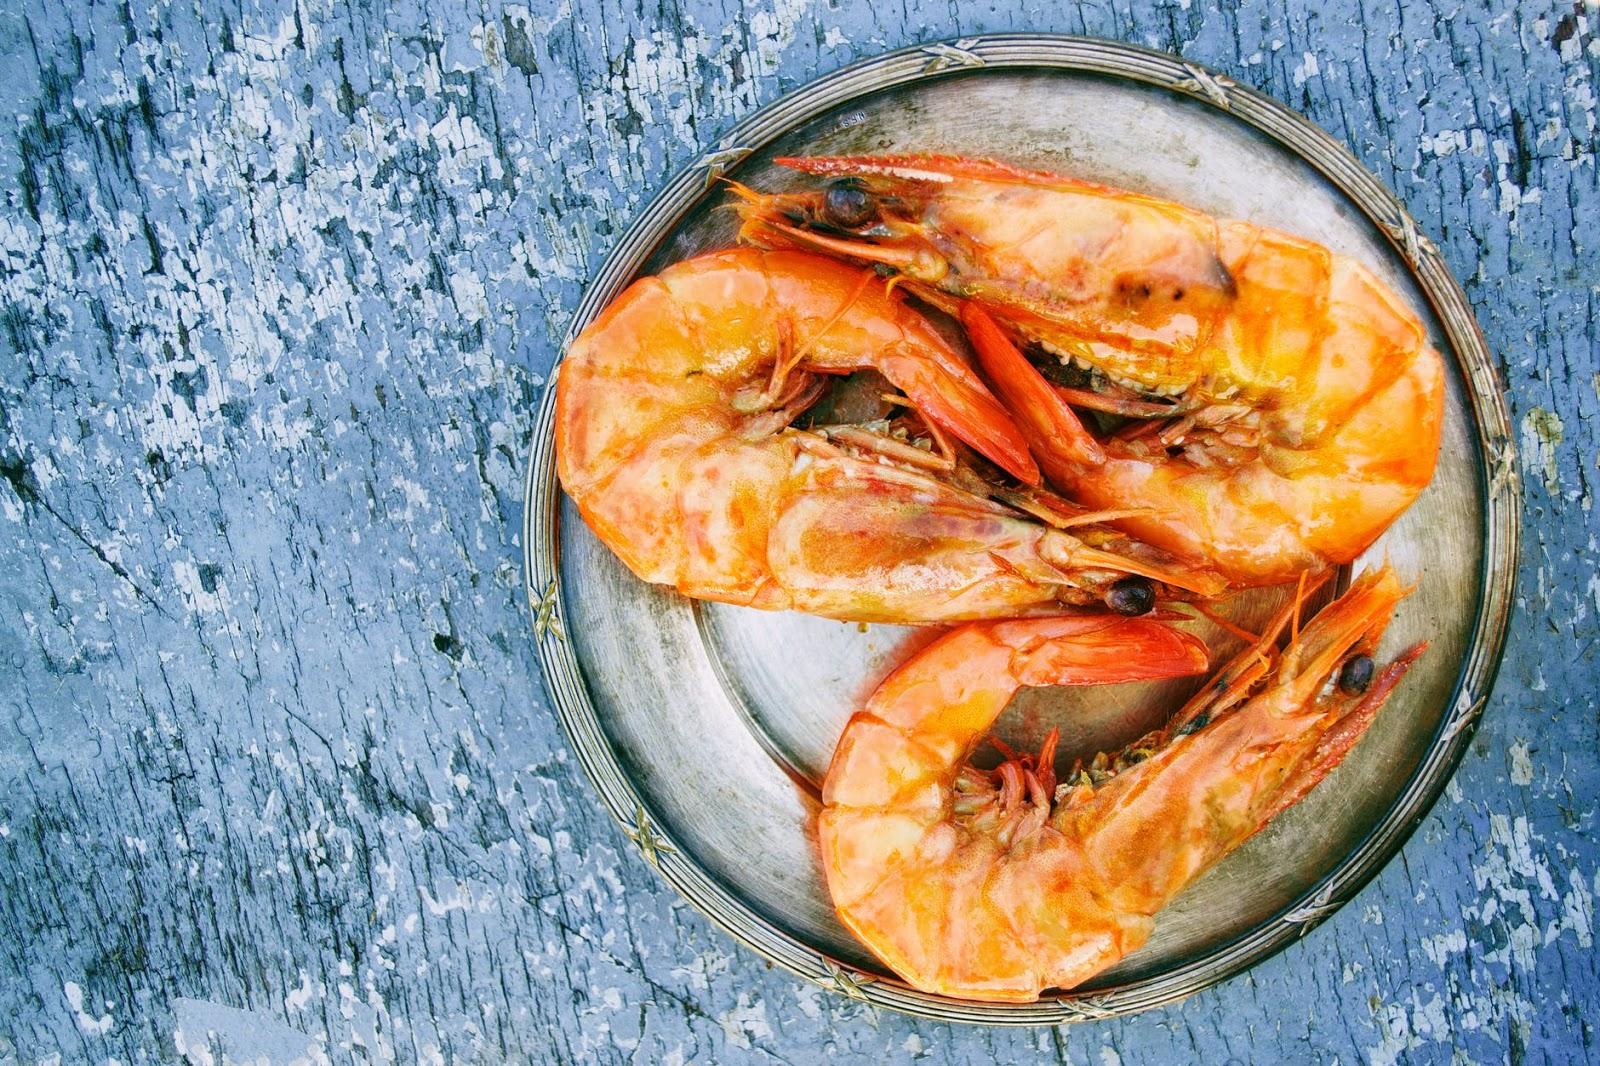 3 big prawn on a plate